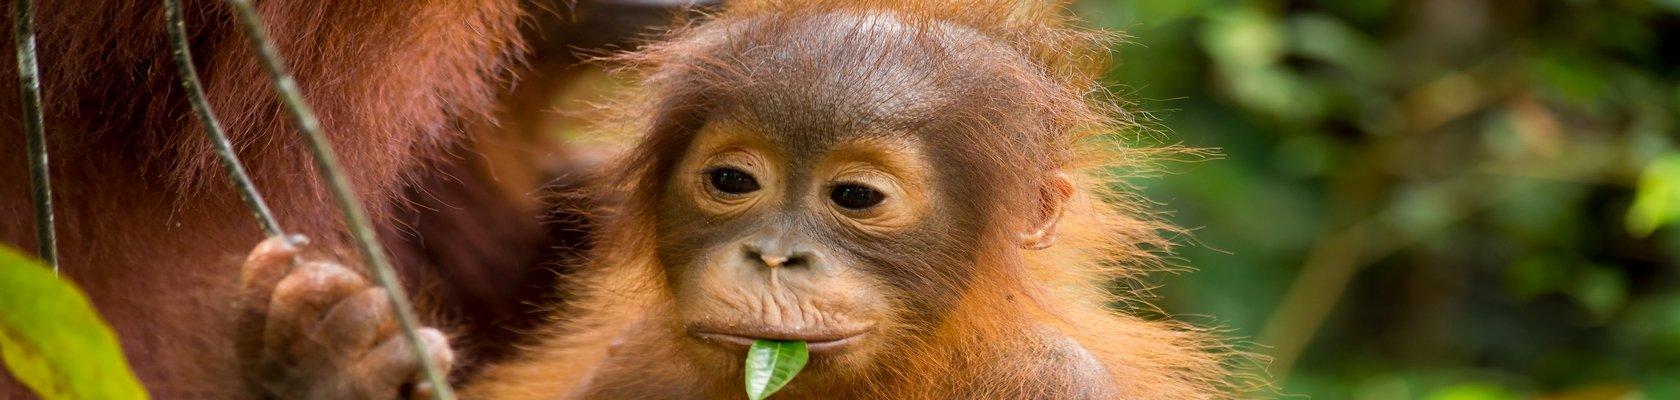 Zie de orang-oetans op Sumatra